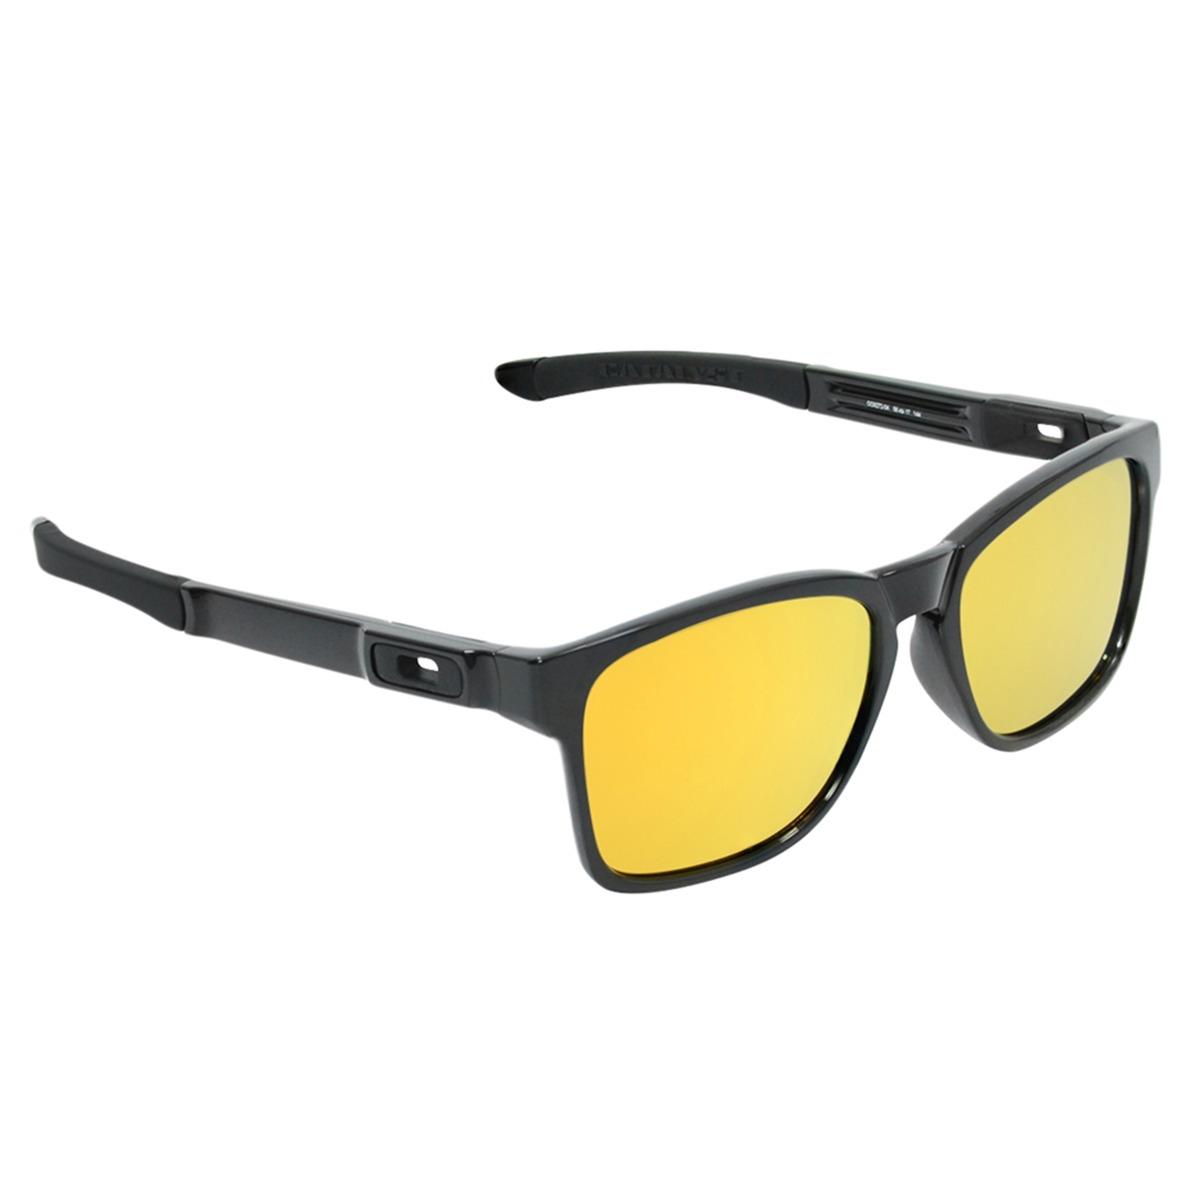 Óculos Masculino Oakley Catalyst Polished Black 24k - R  399,90 em ... 41c384a853